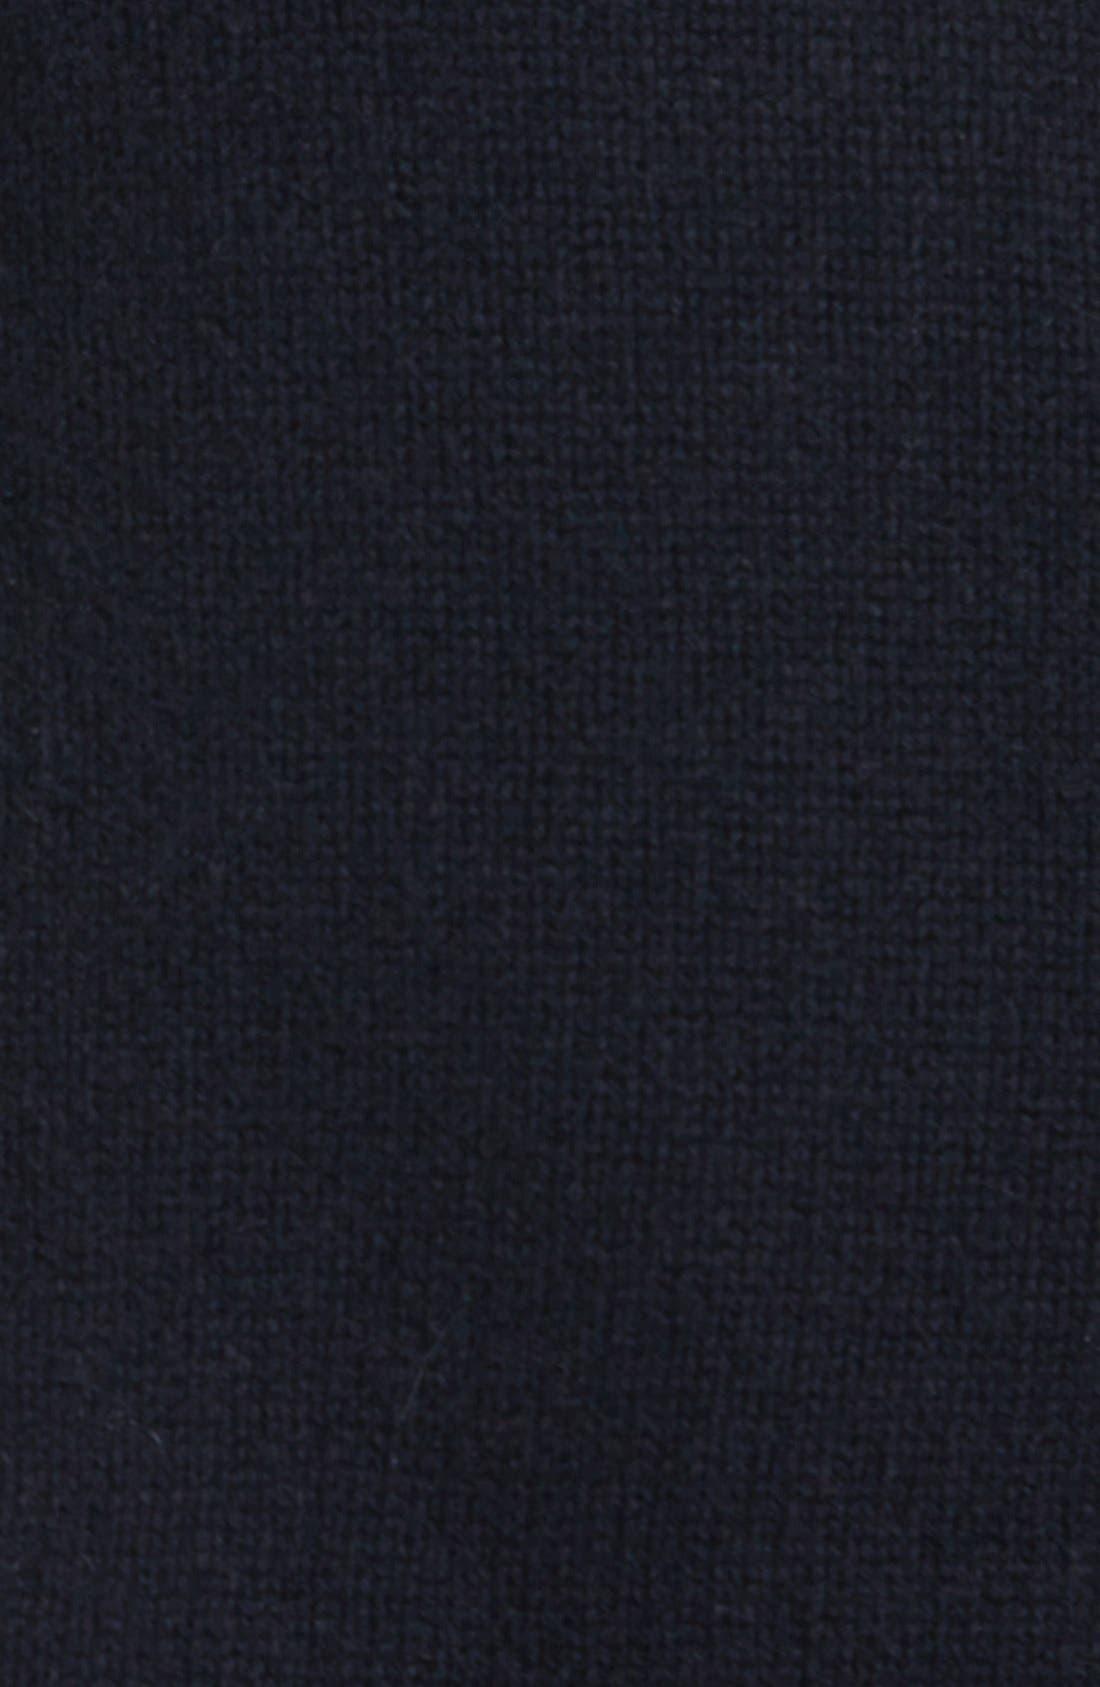 Alternate Image 3  - Pure Amici Colorblock Cashmere Turtleneck Sweater